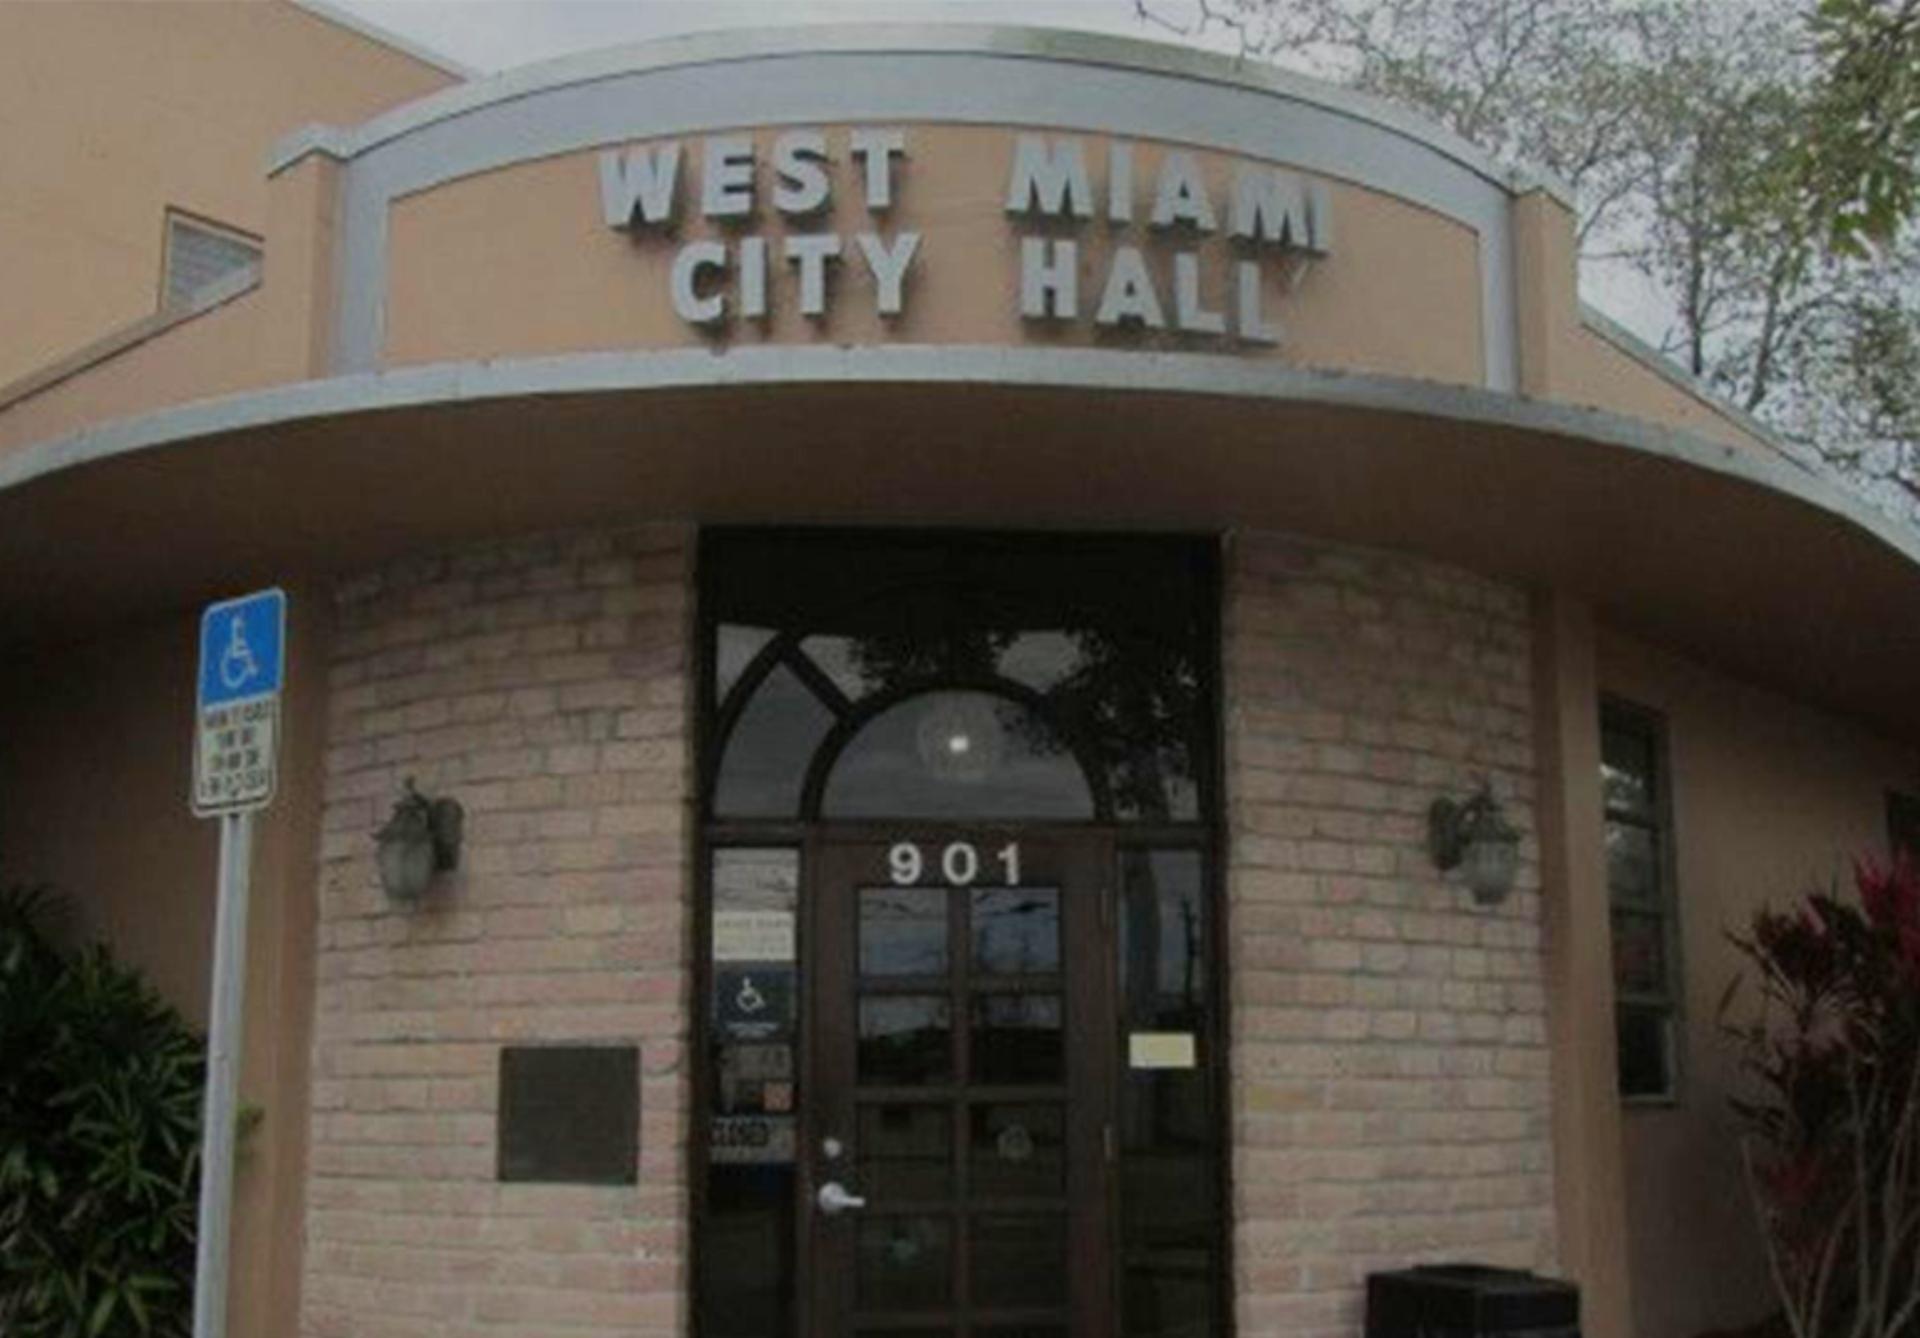 West Miami